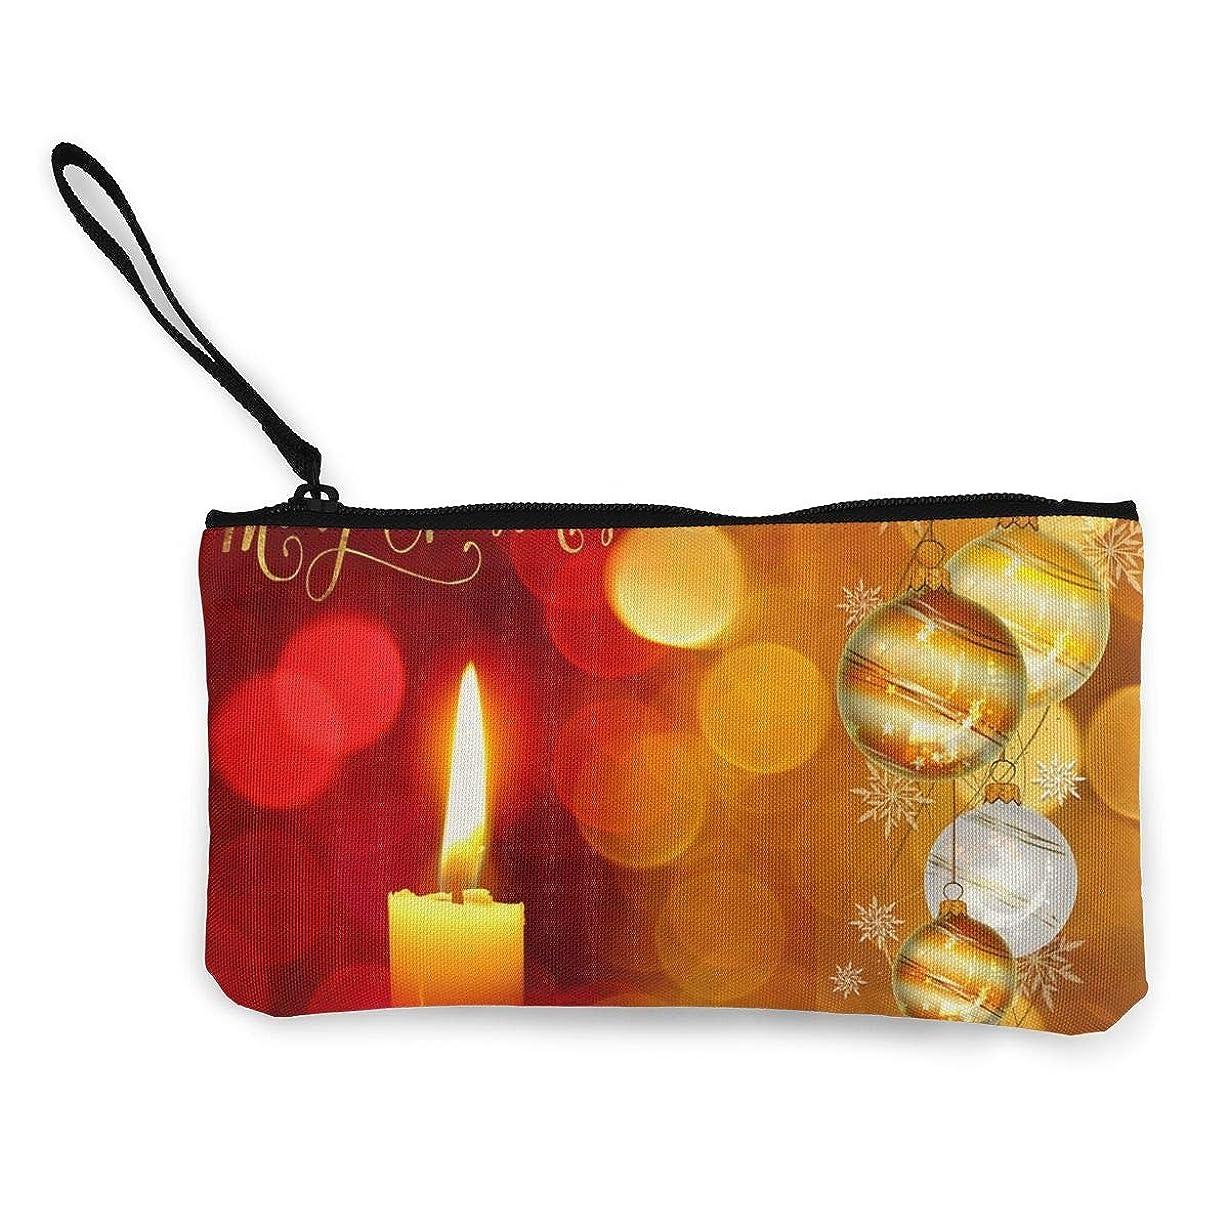 集まる革命的敏感なErmiCo レディース 小銭入れ キャンバス財布 クリスマス グリーティング 小遣い財布 財布 鍵 小物 充電器 収納 長財布 ファスナー付き 22×12cm